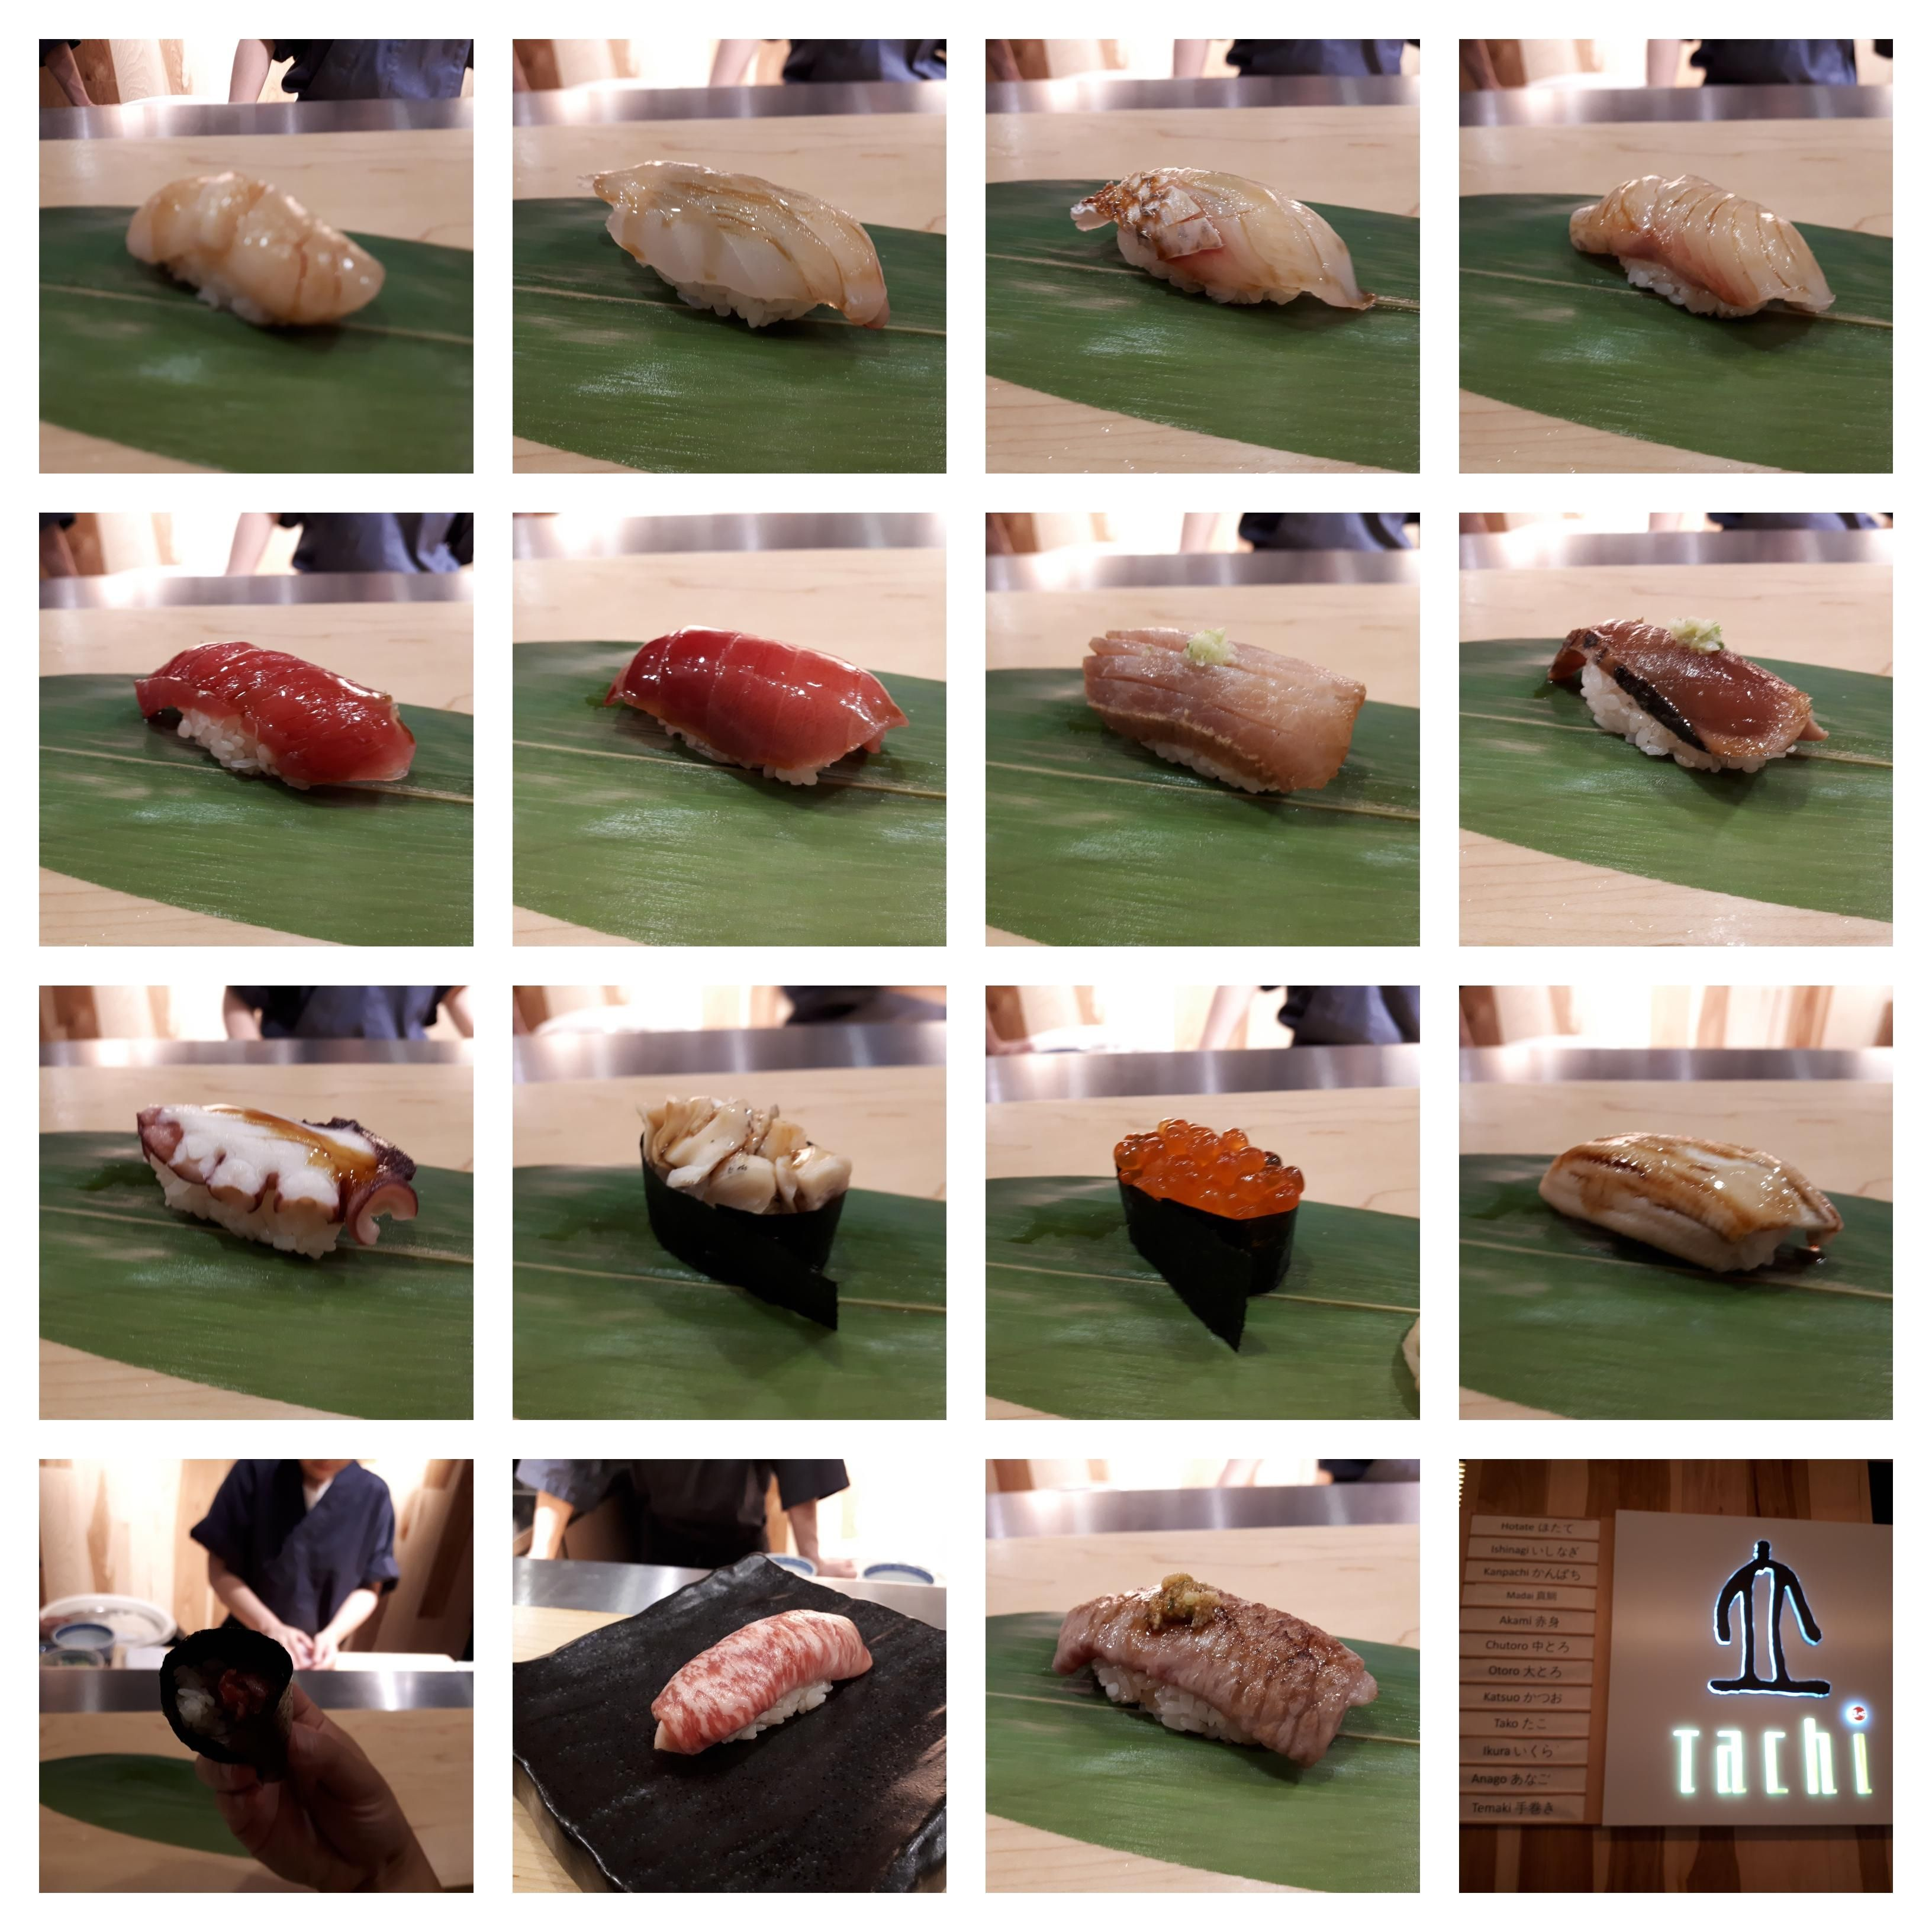 Omakase at Tachi Toronto Aug 4 2018 Collage Best sushi